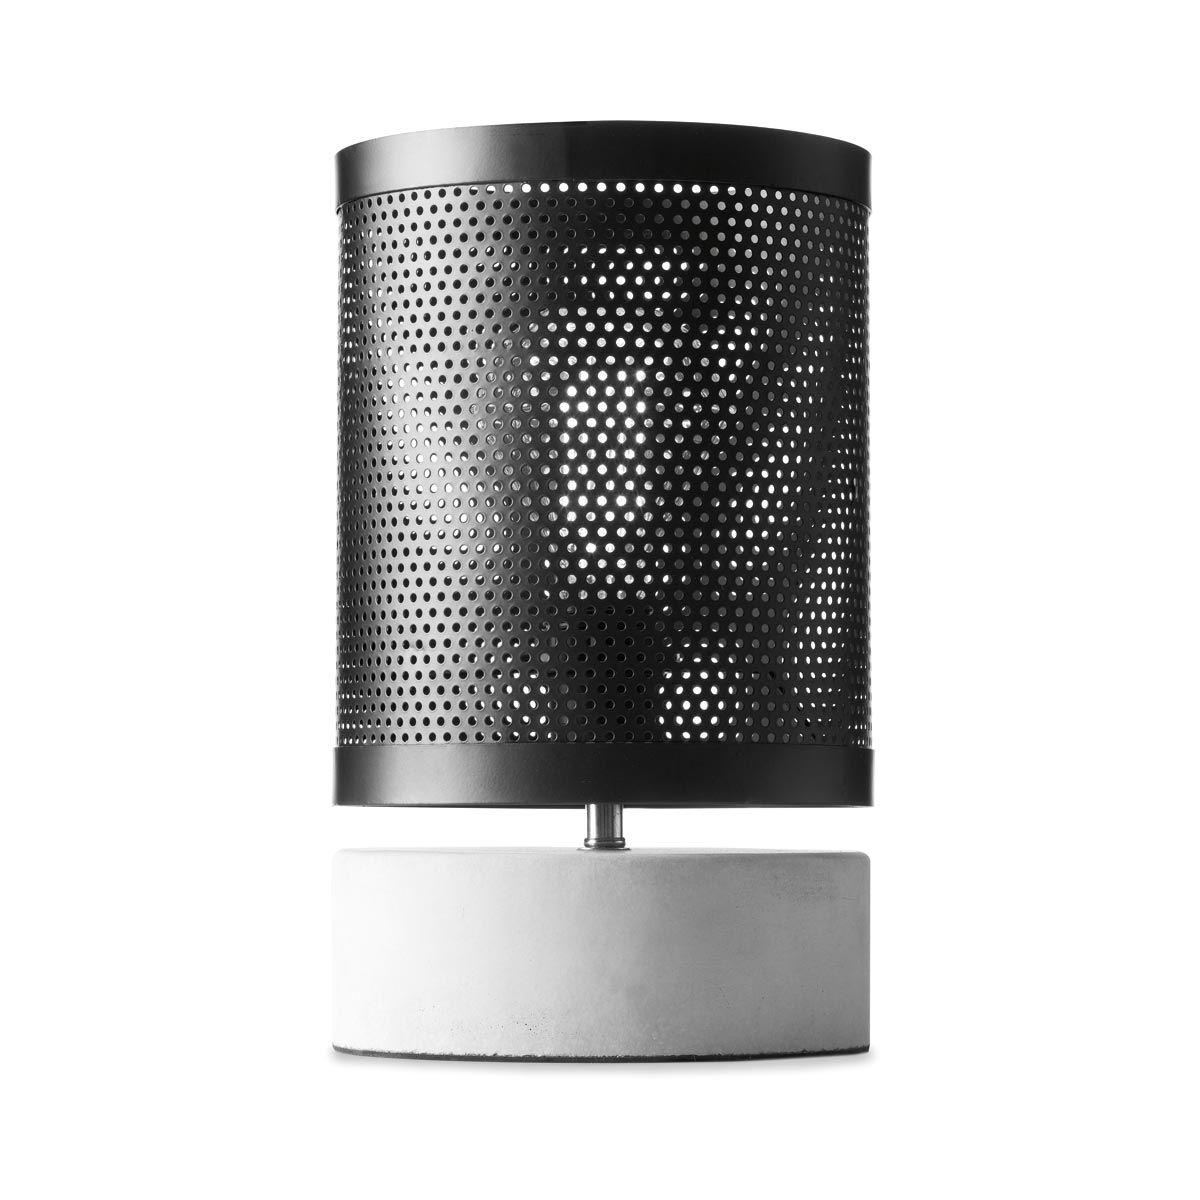 Mesh Lamp Black Amp Grey Kmart Black Lamps Lamp Lamps Online